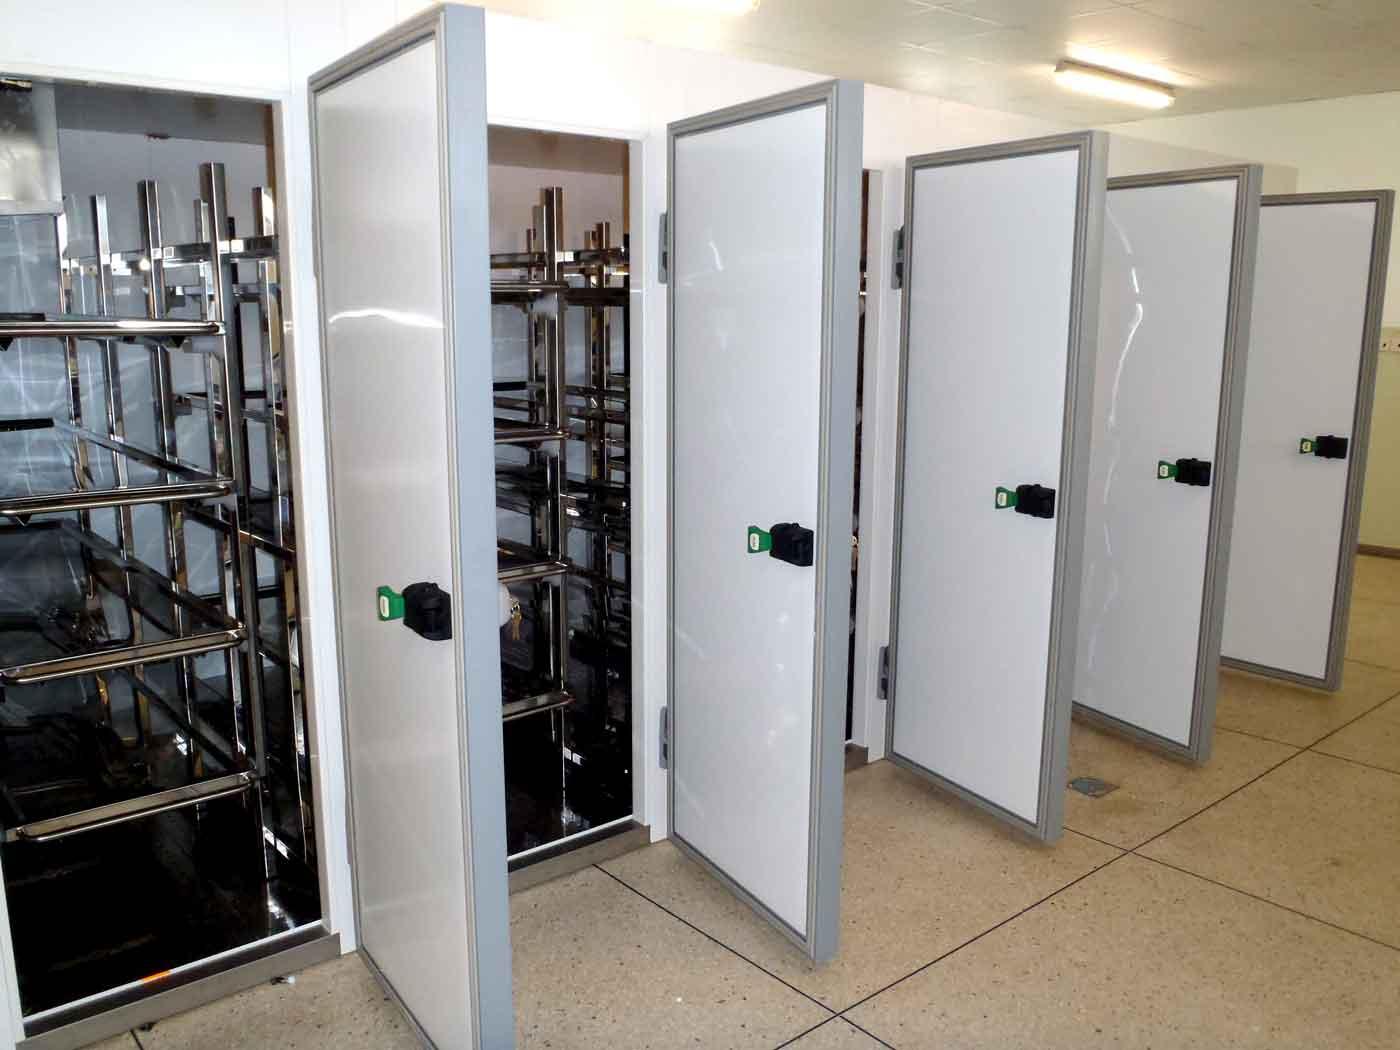 Hospital Mortuary cabinets